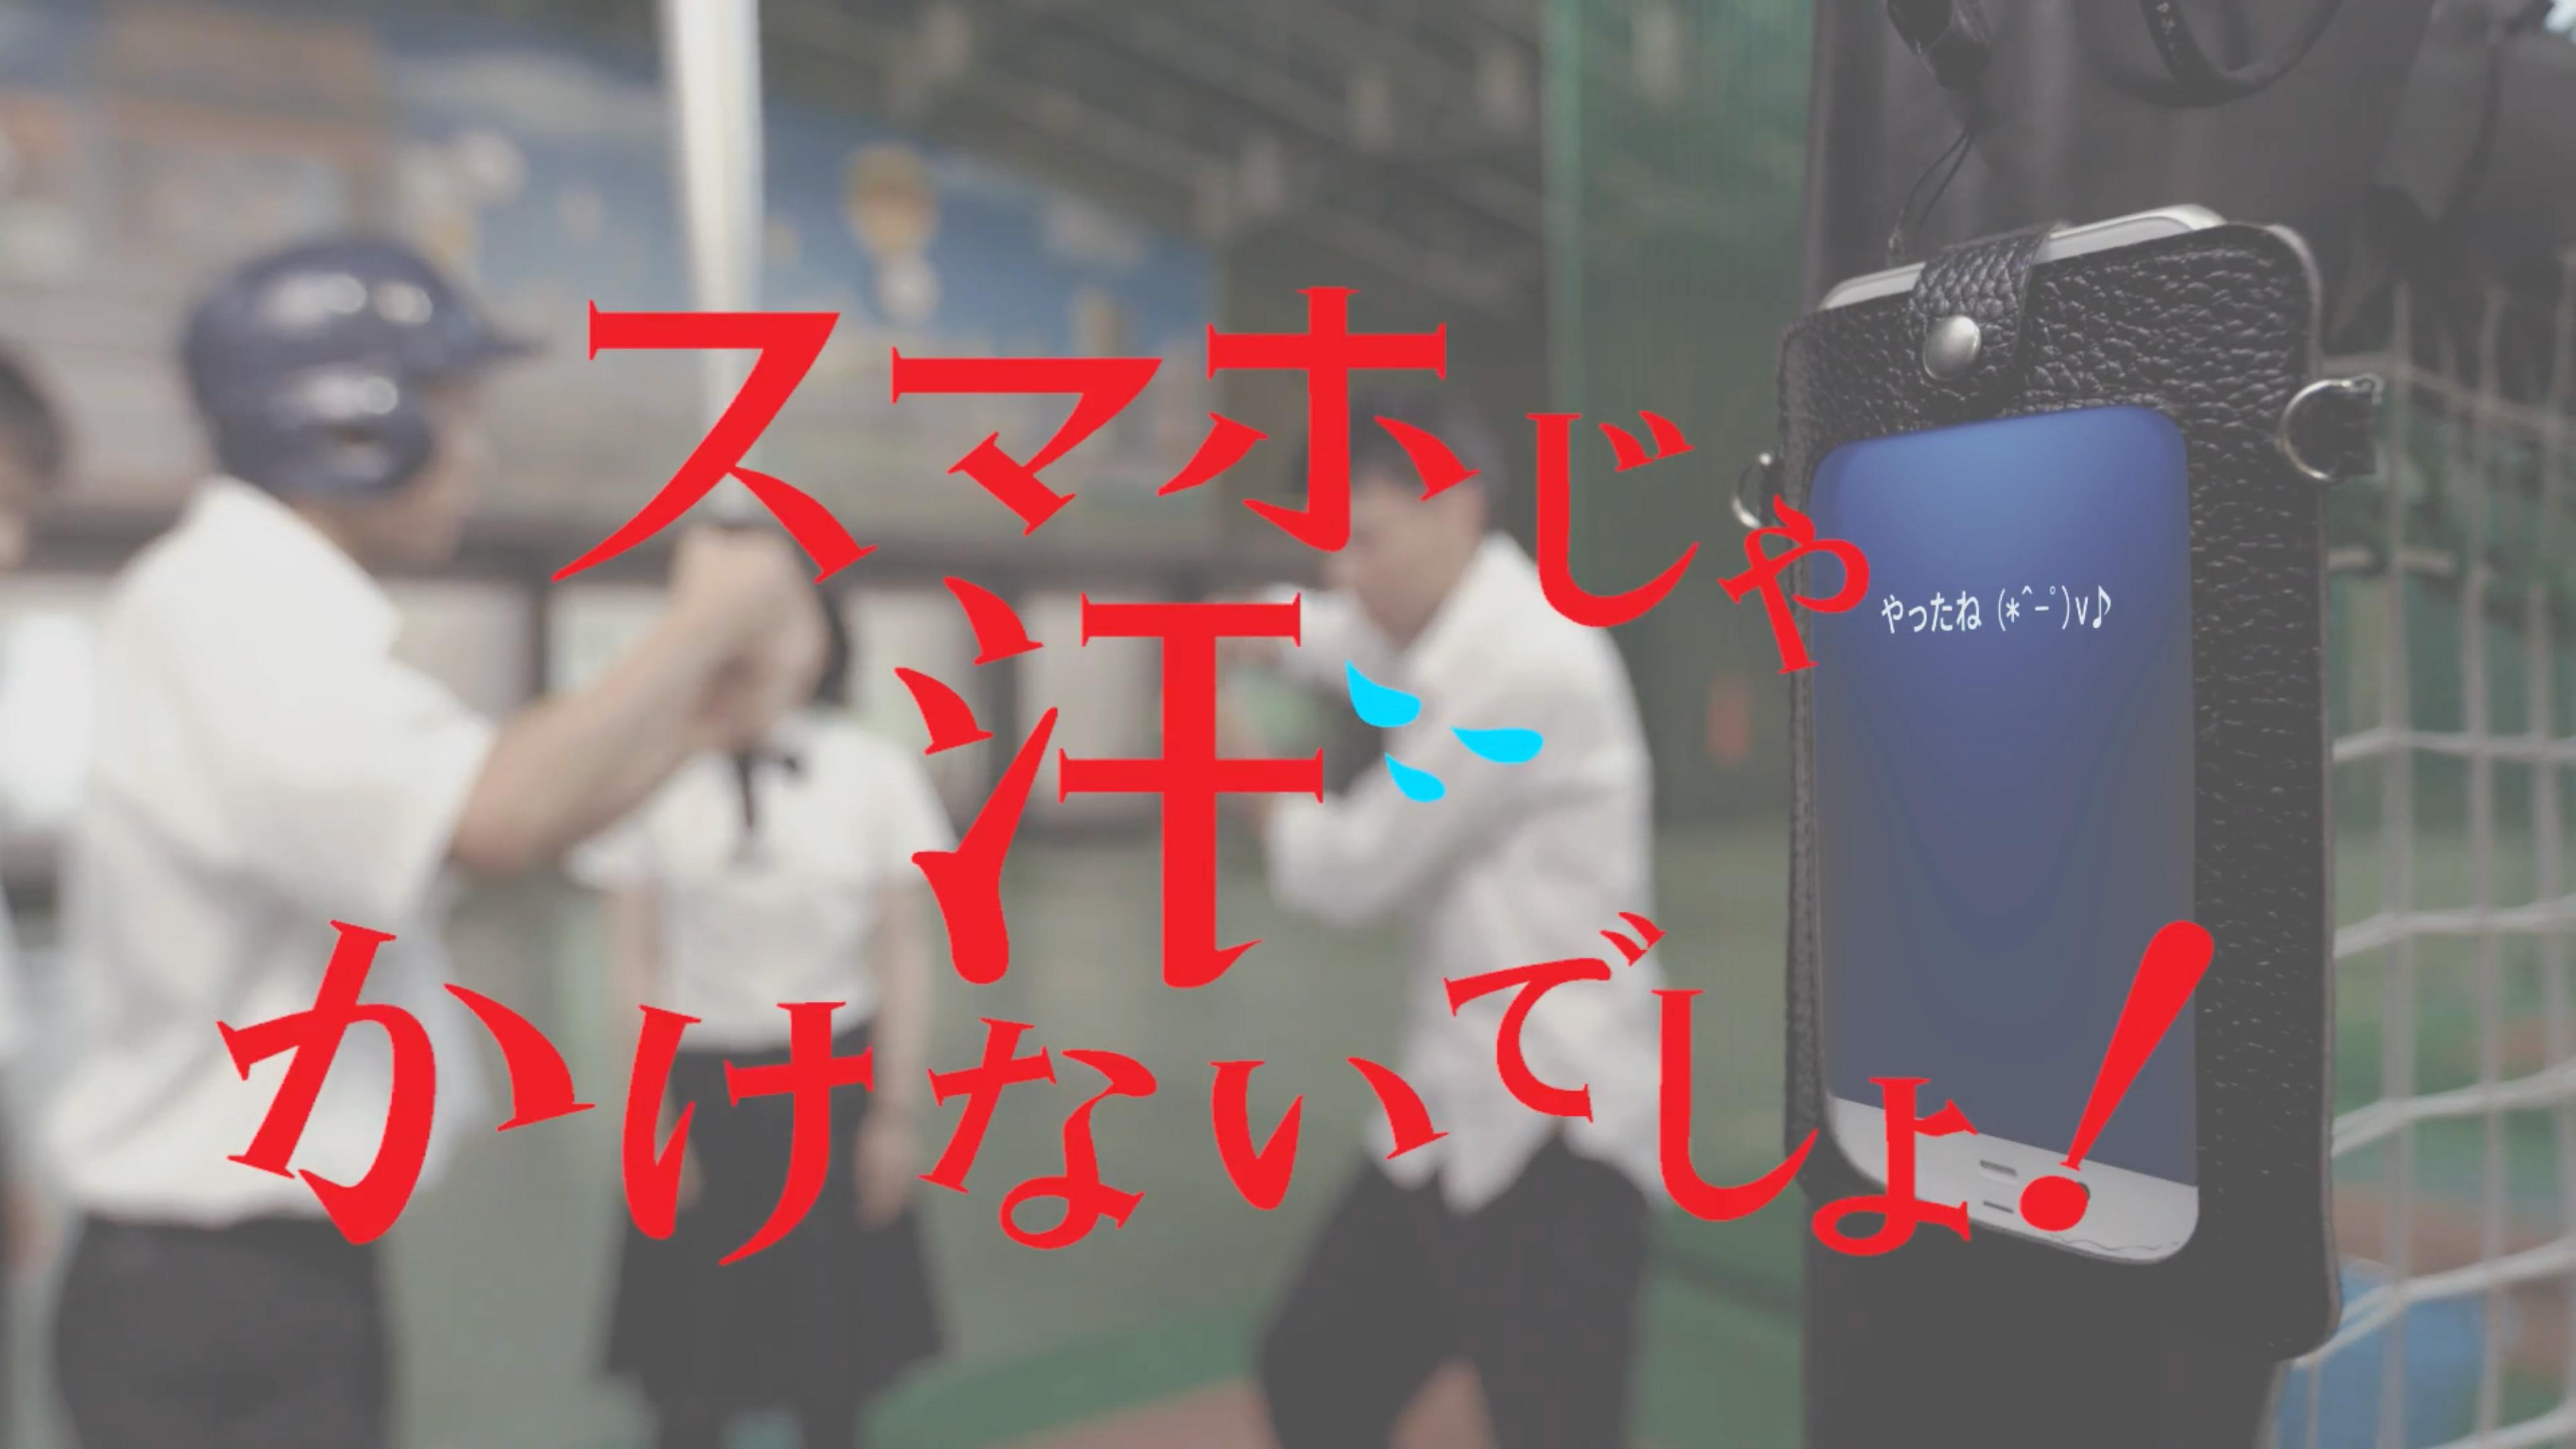 ホームランドームドラマ『スマホじゃ汗かけないでしょ!』篇